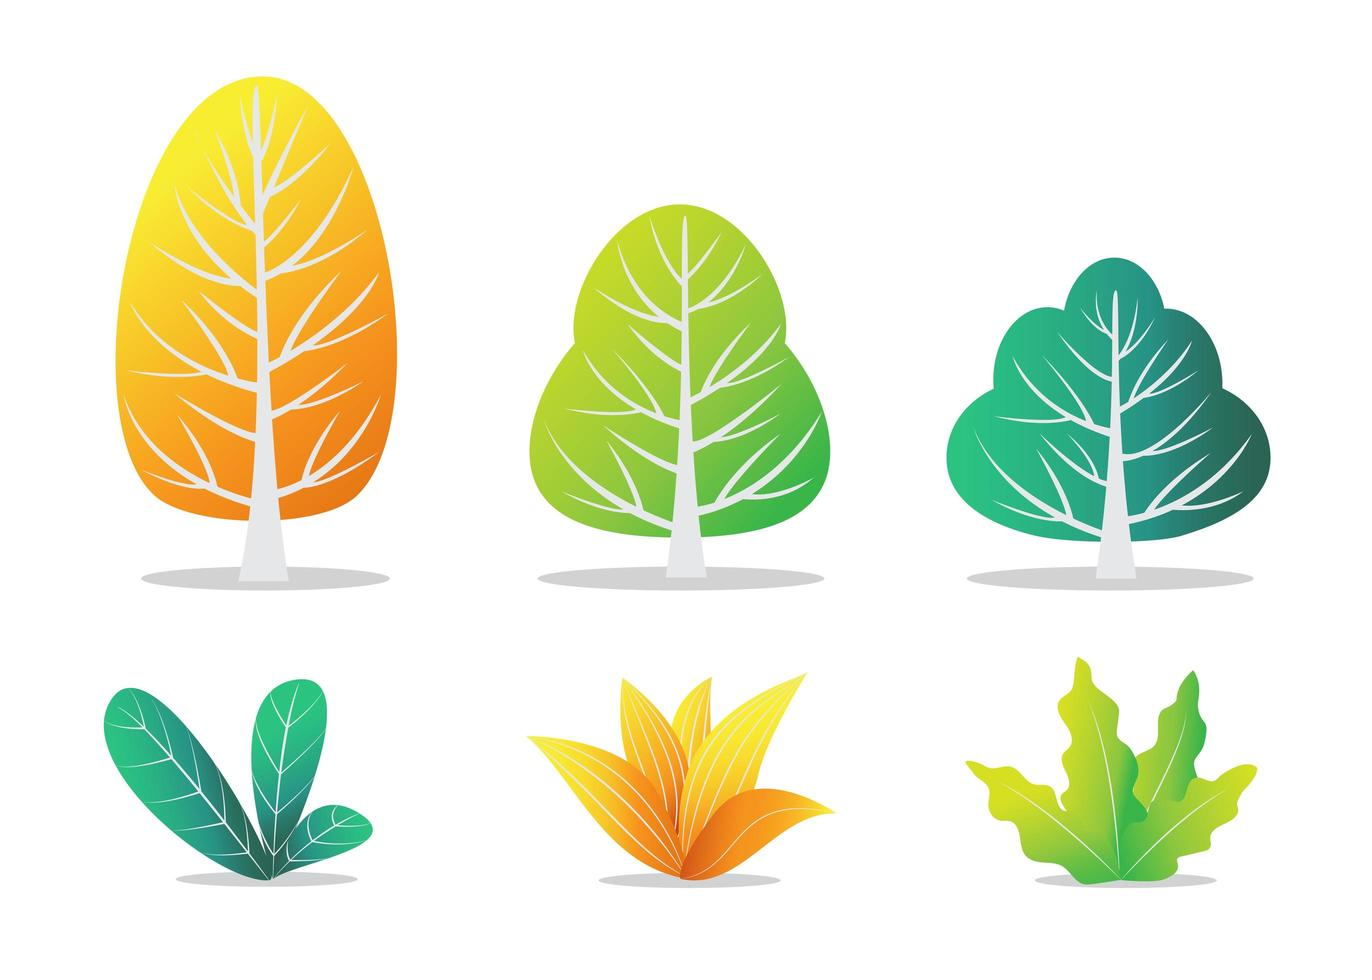 Herbstbäume und Büsche vektor